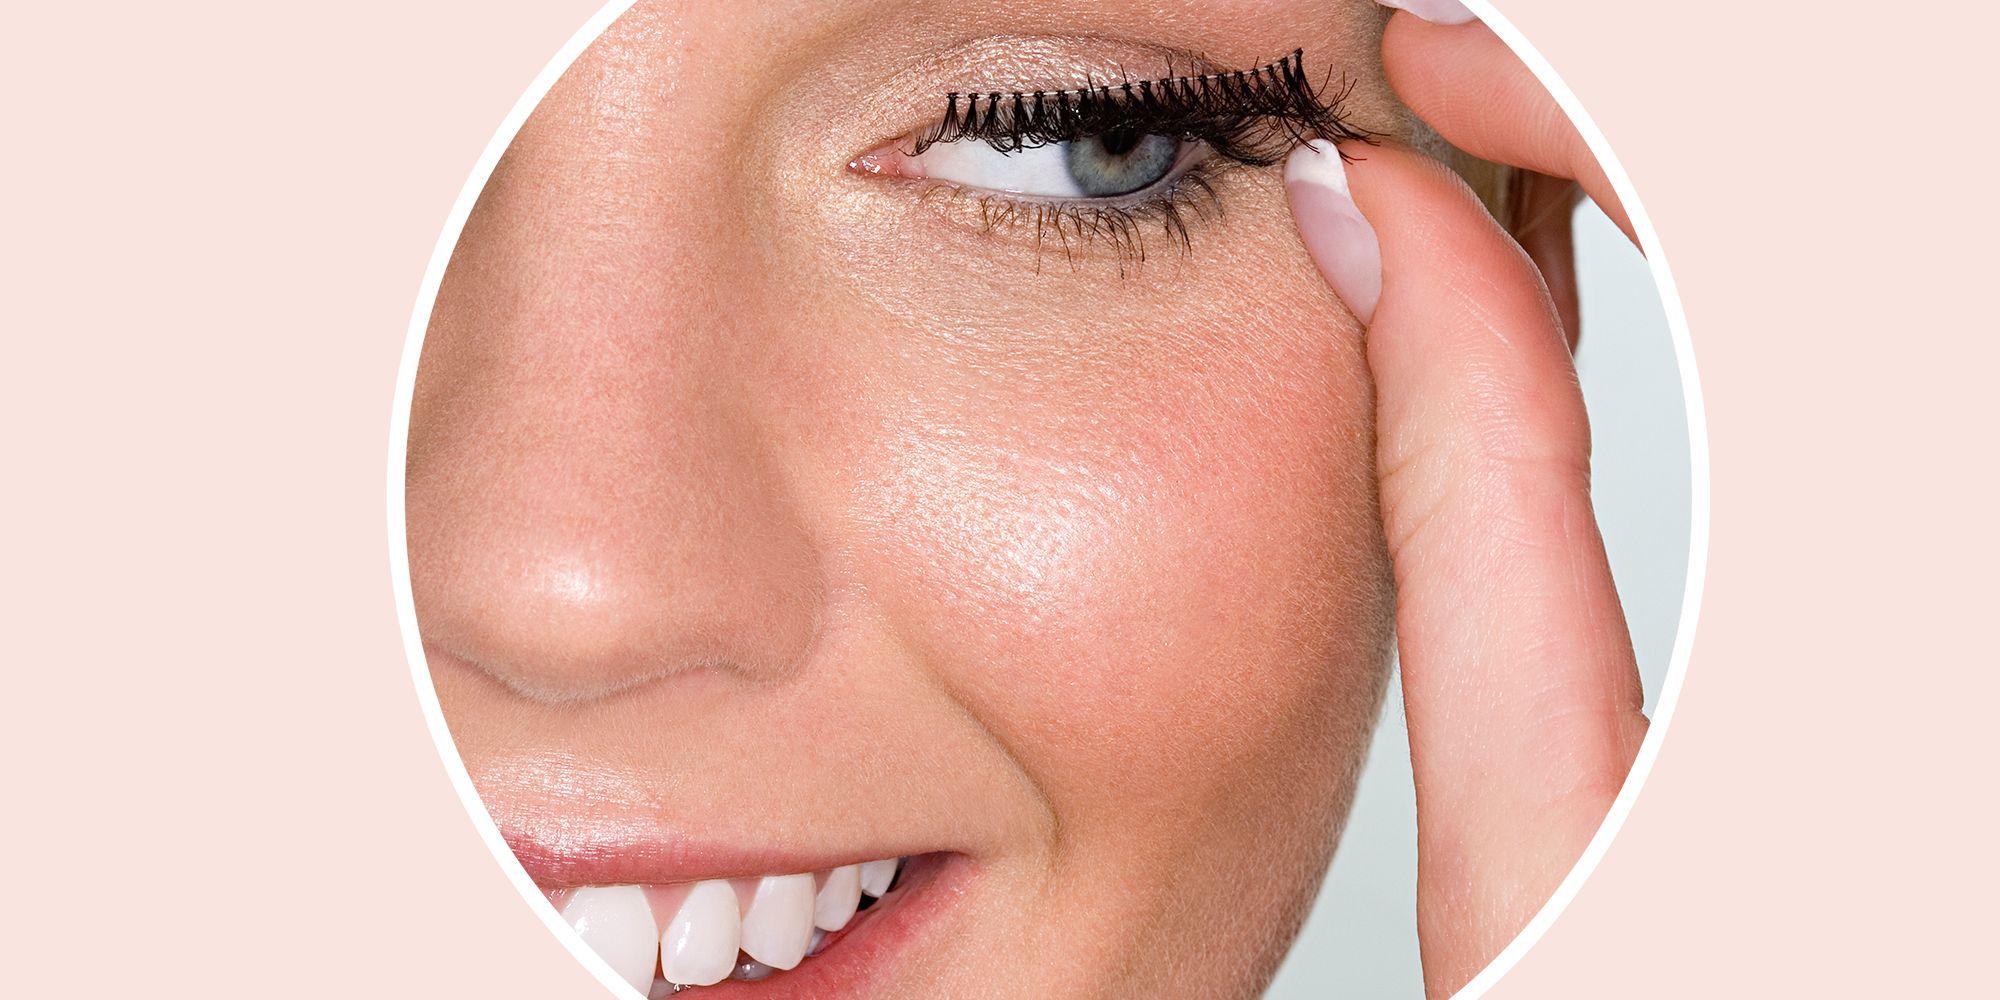 10 Best Eyelash Glues To Secure Your Falsies False Eyelash Glues